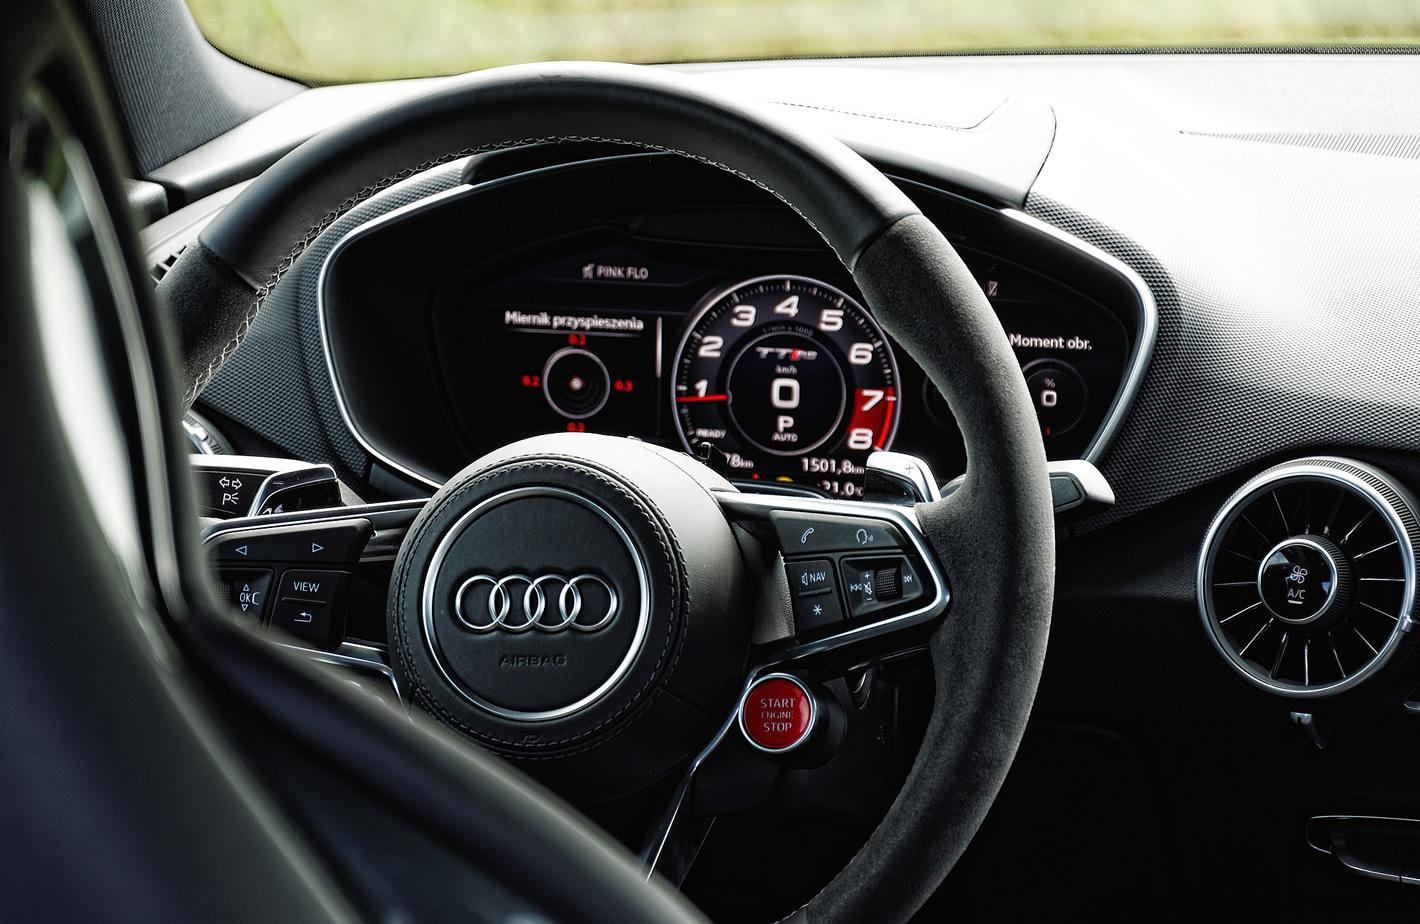 Audi TT RS - zdjęcie kierownicy auta